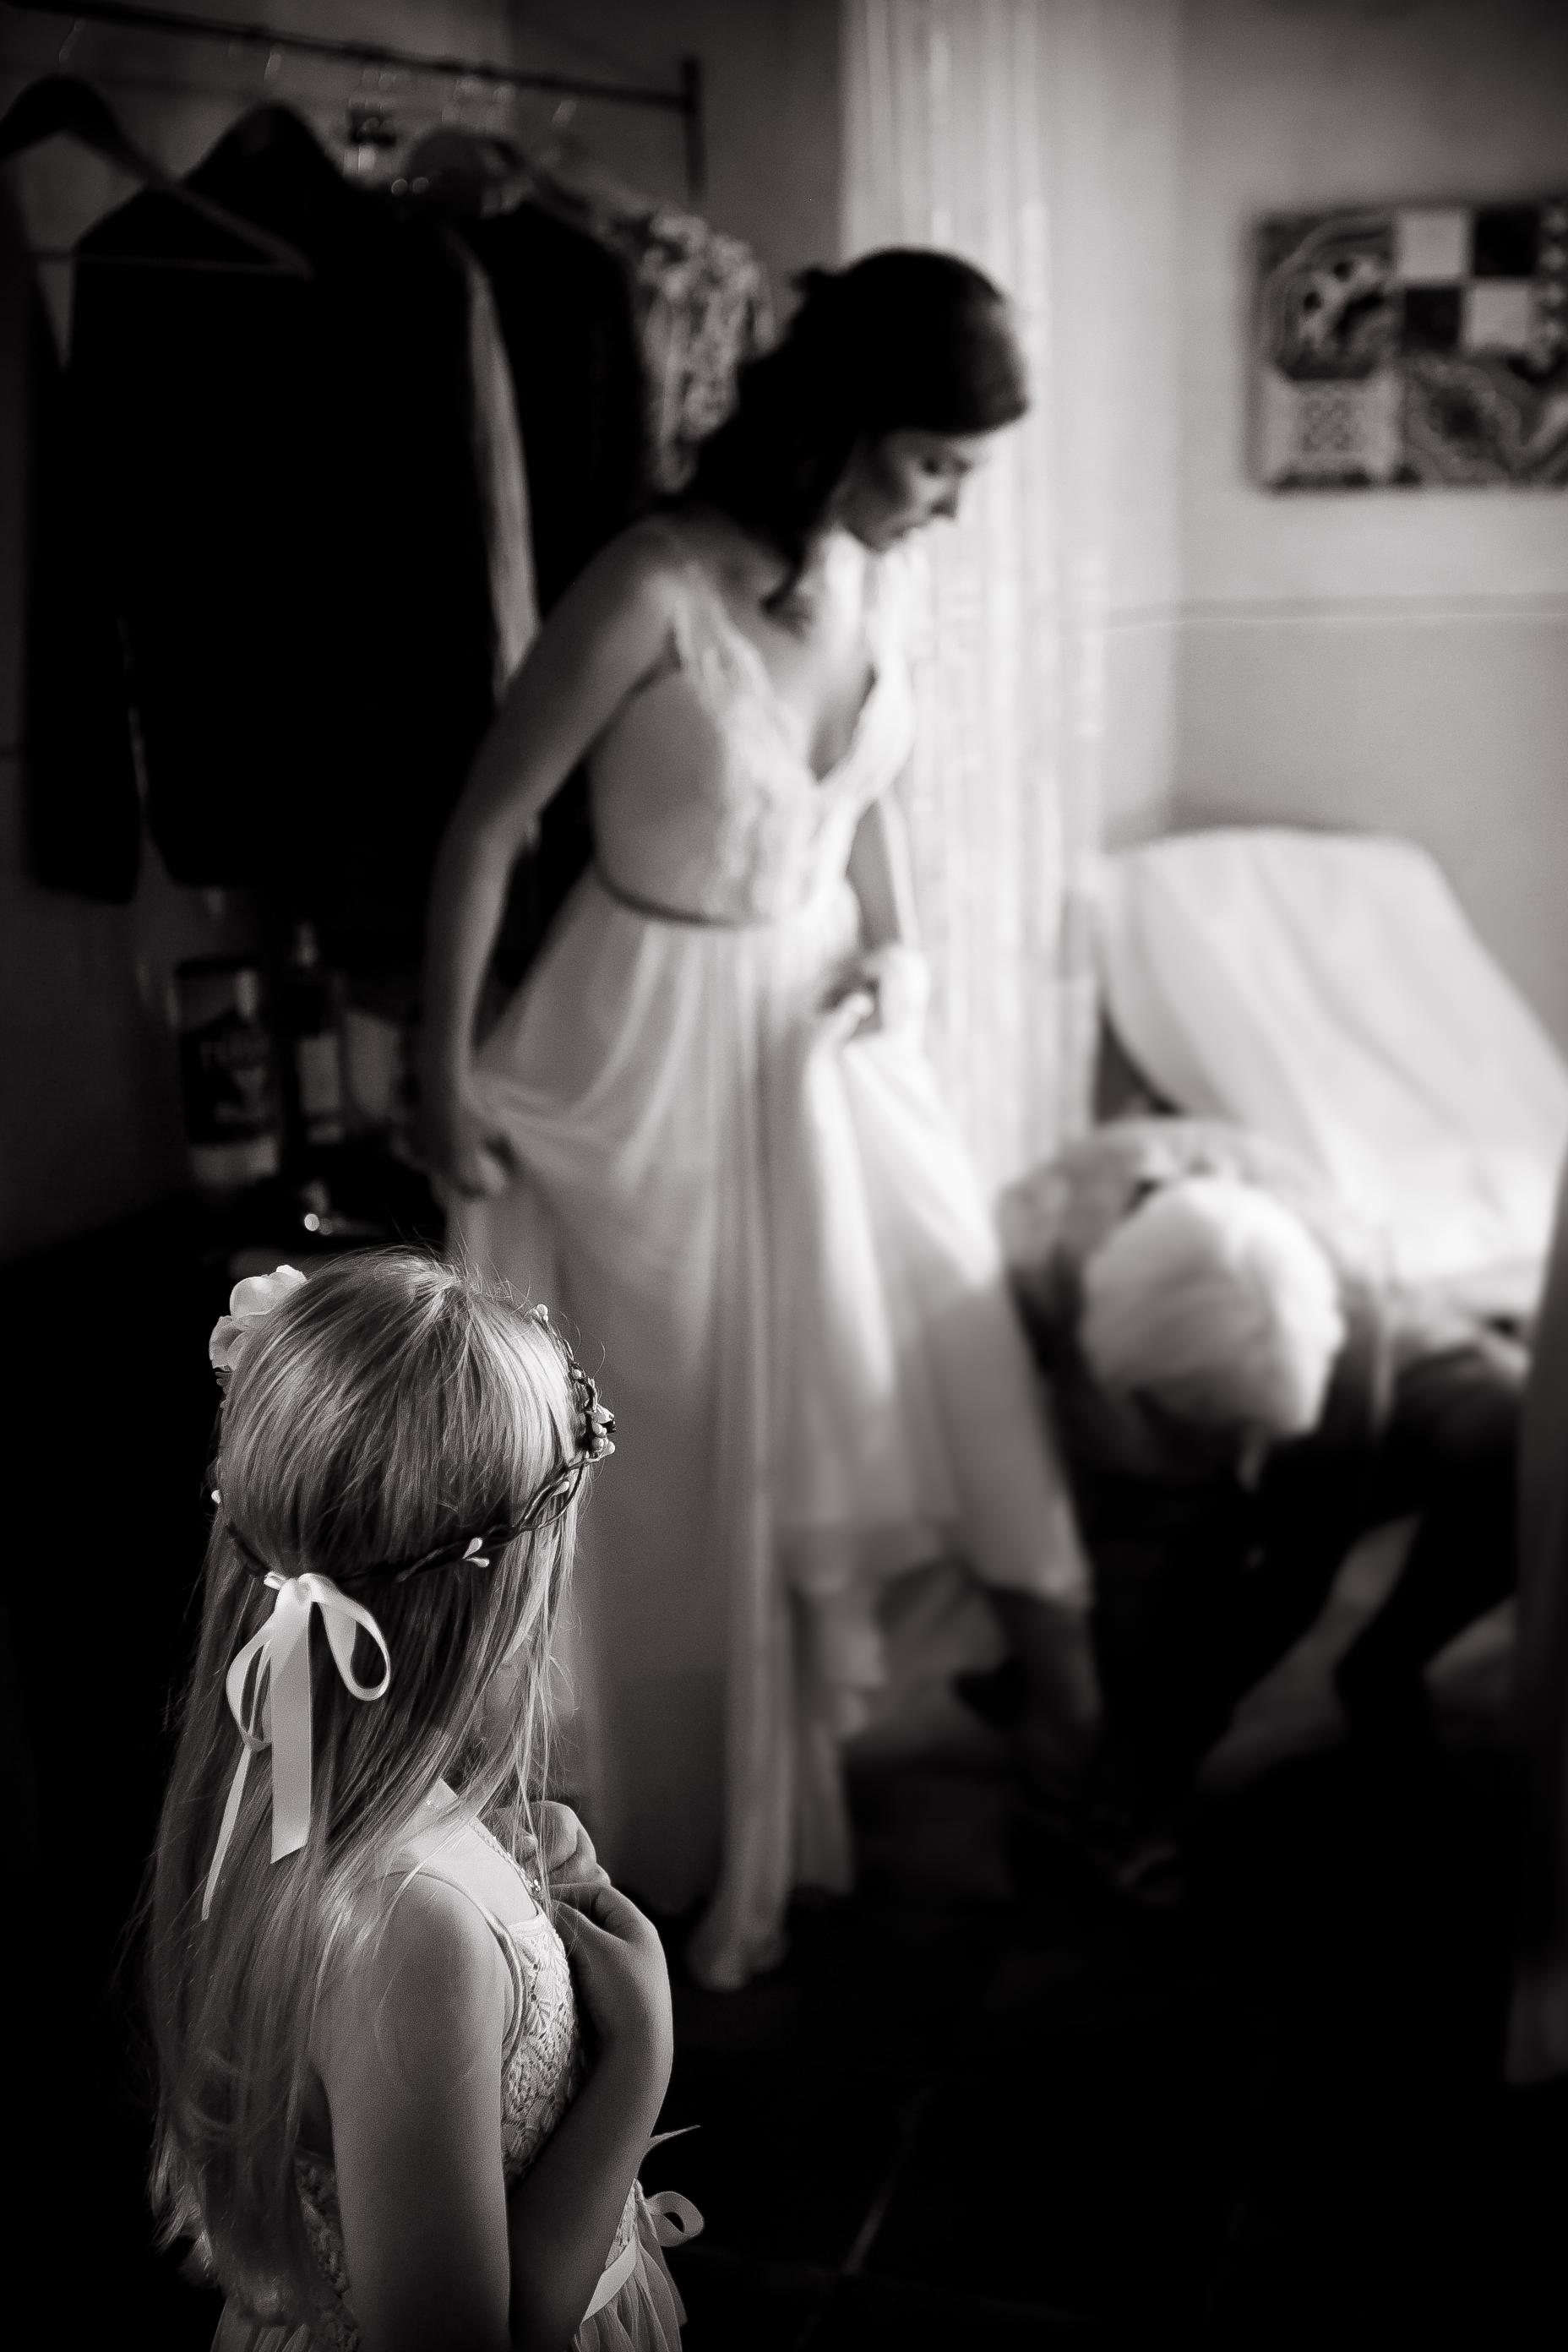 Bride in Tuscany wedding venue